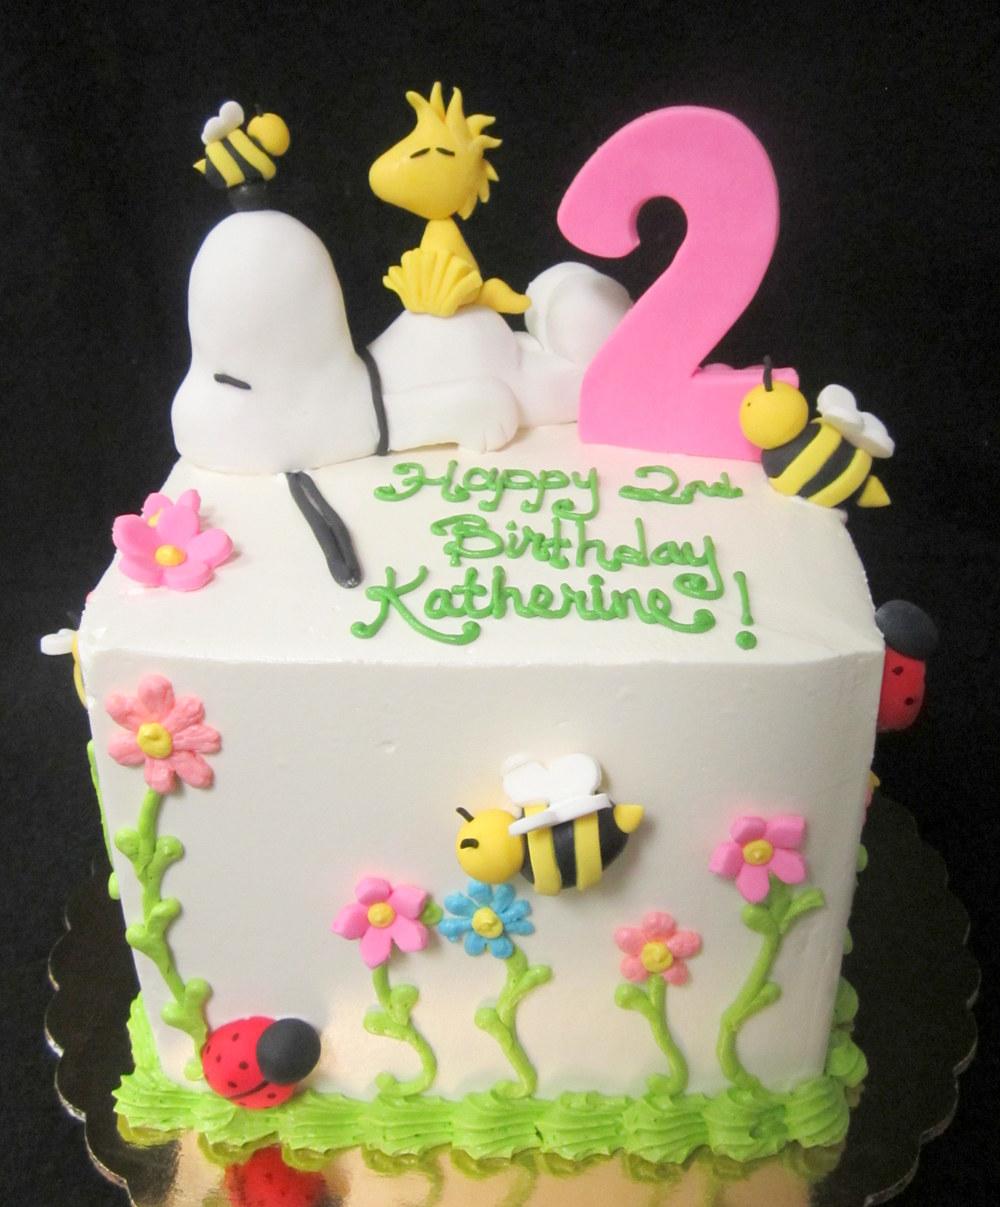 snoopy woodstock cake.jpg